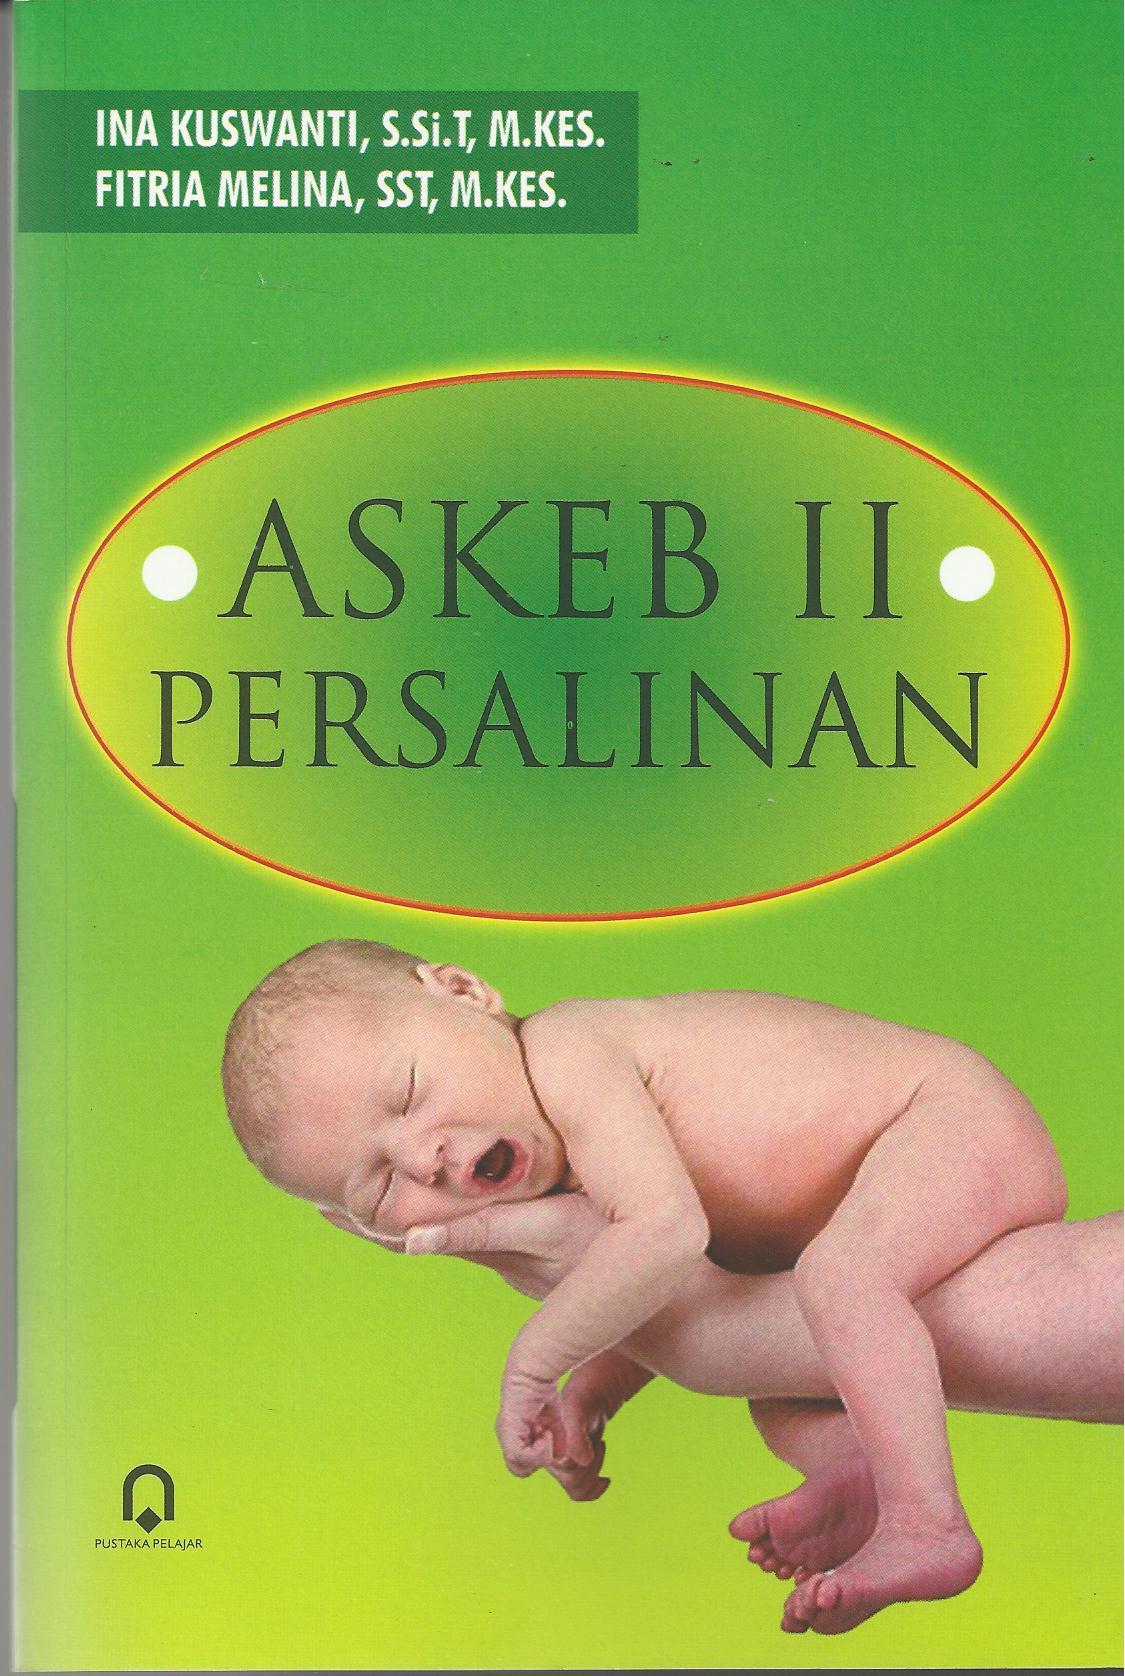 Askeb II Persalinan